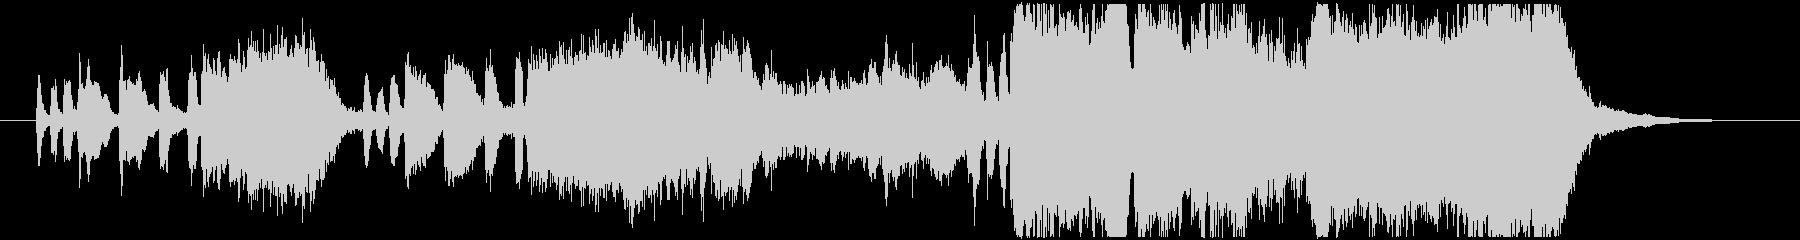 生演奏トランペットが豪華なファンファーレの未再生の波形